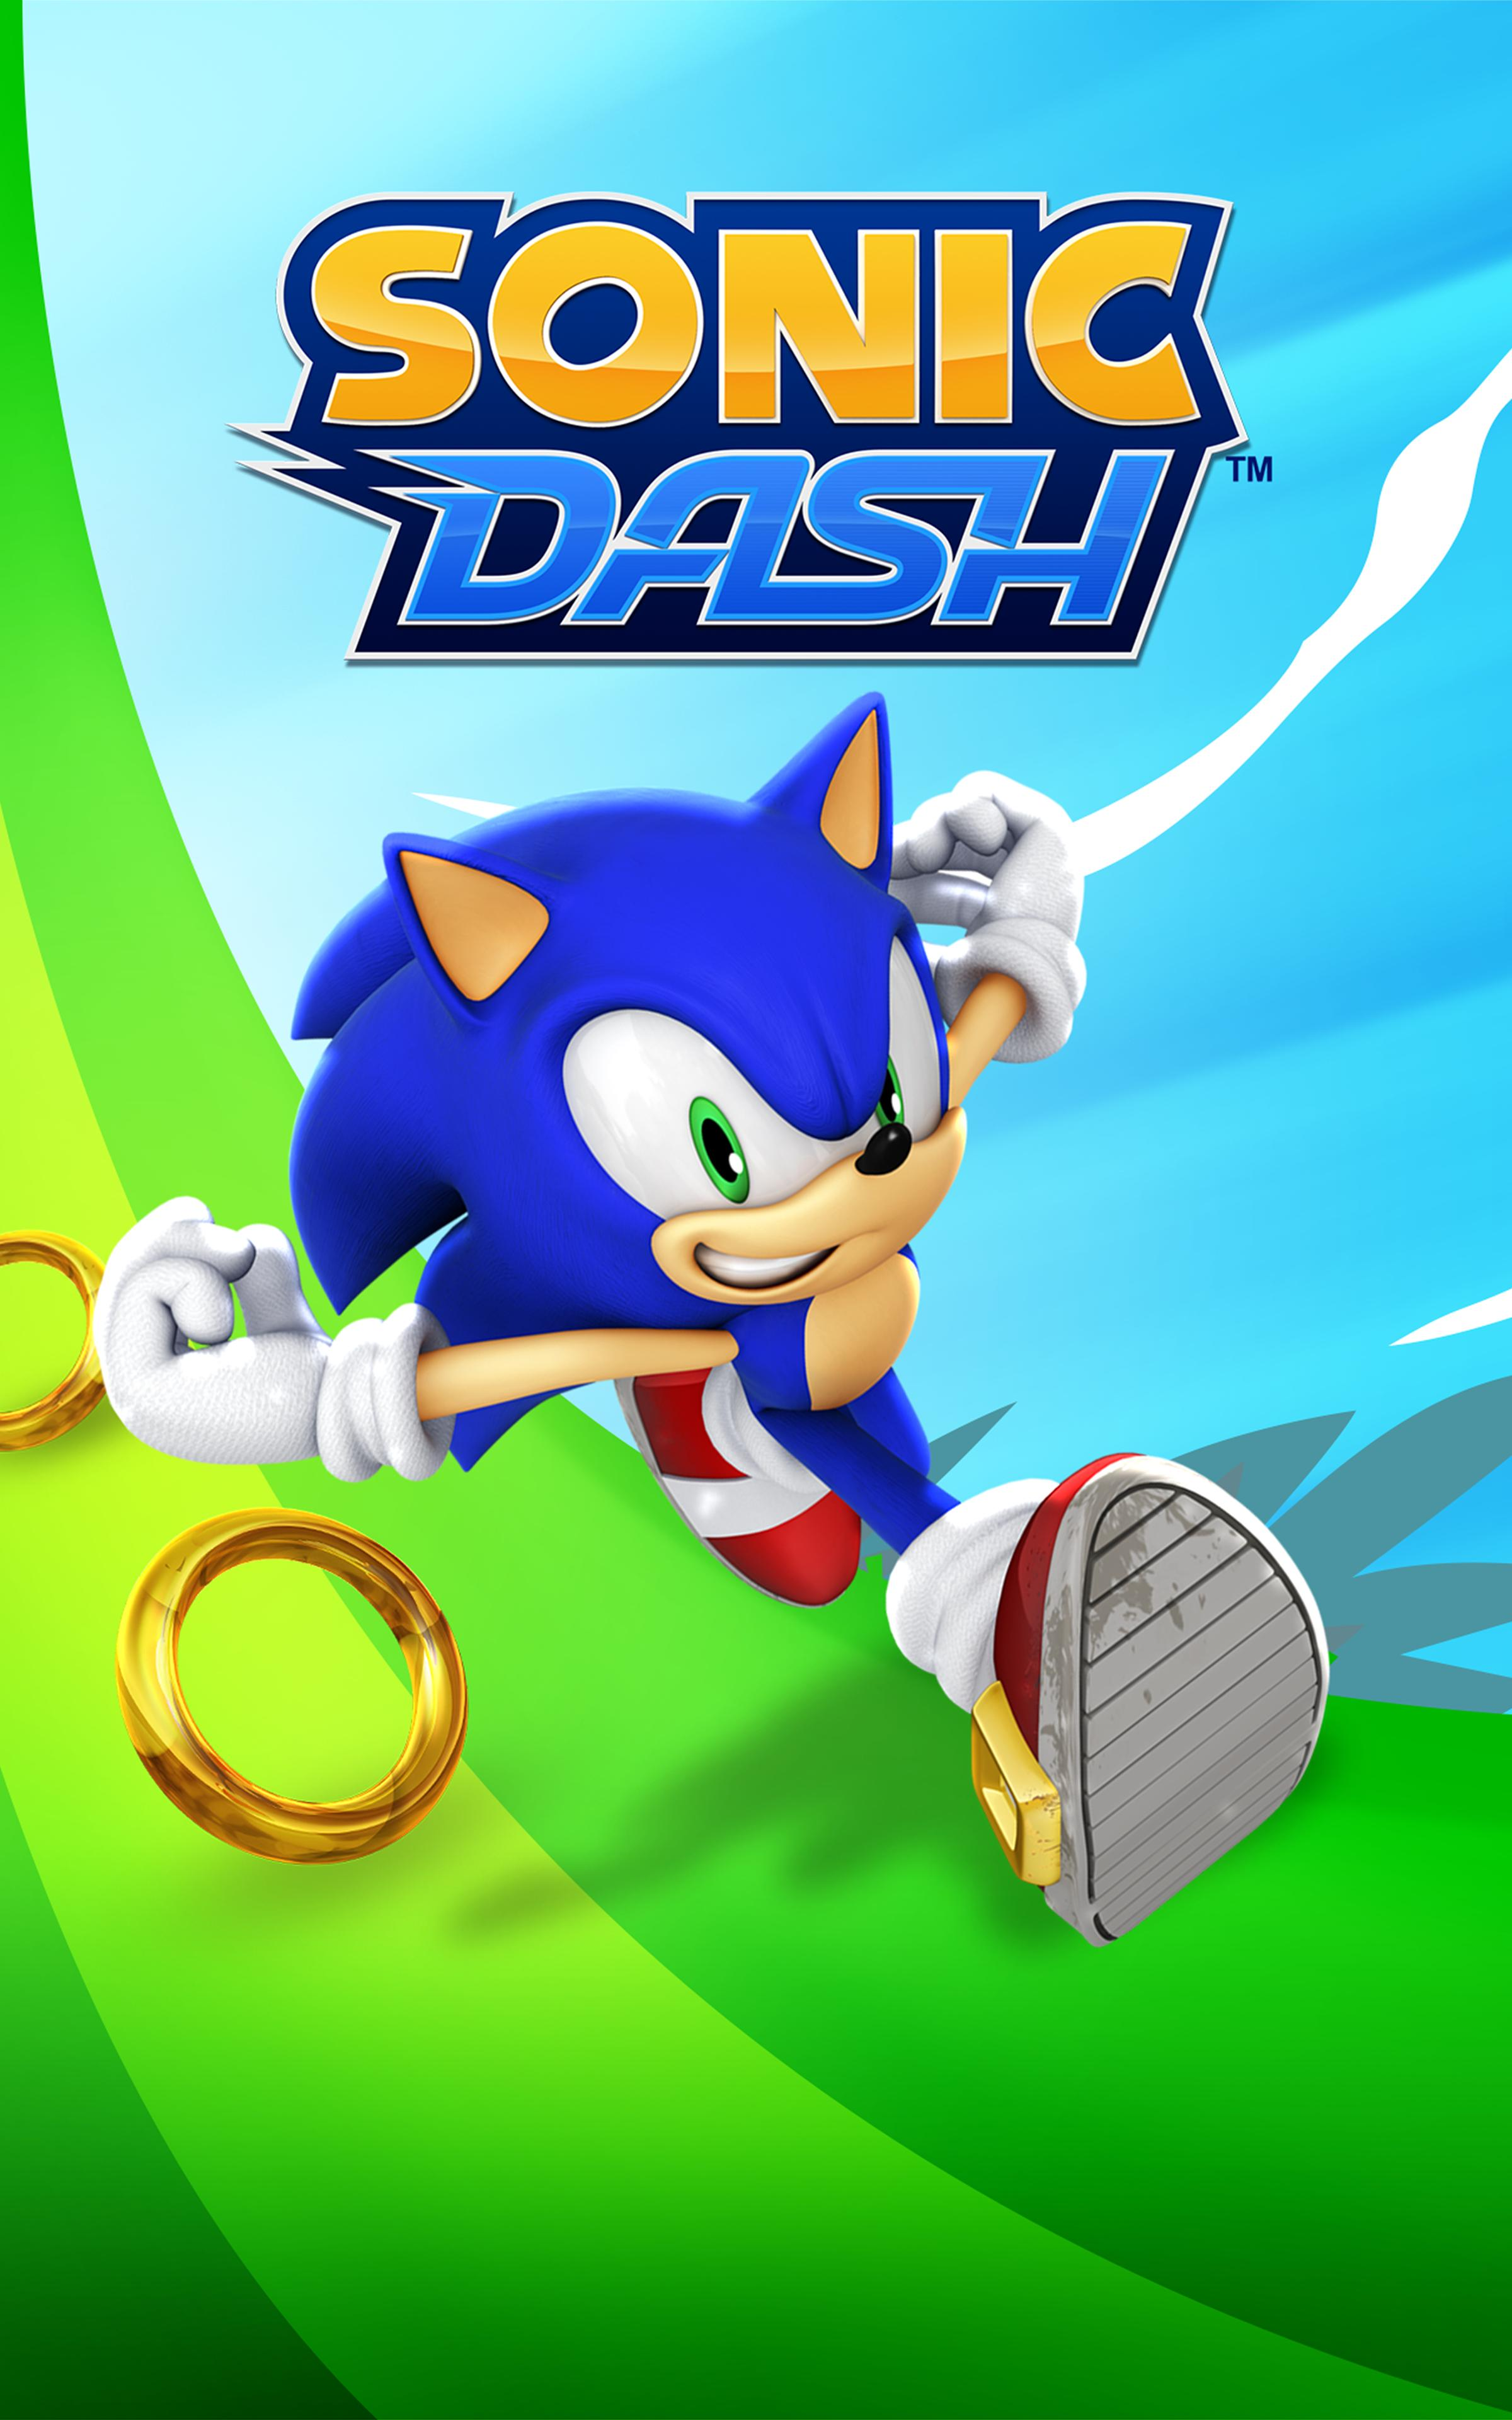 Sonic Dash - Endless Running & Racing Game 4.14.0 Screenshot 14